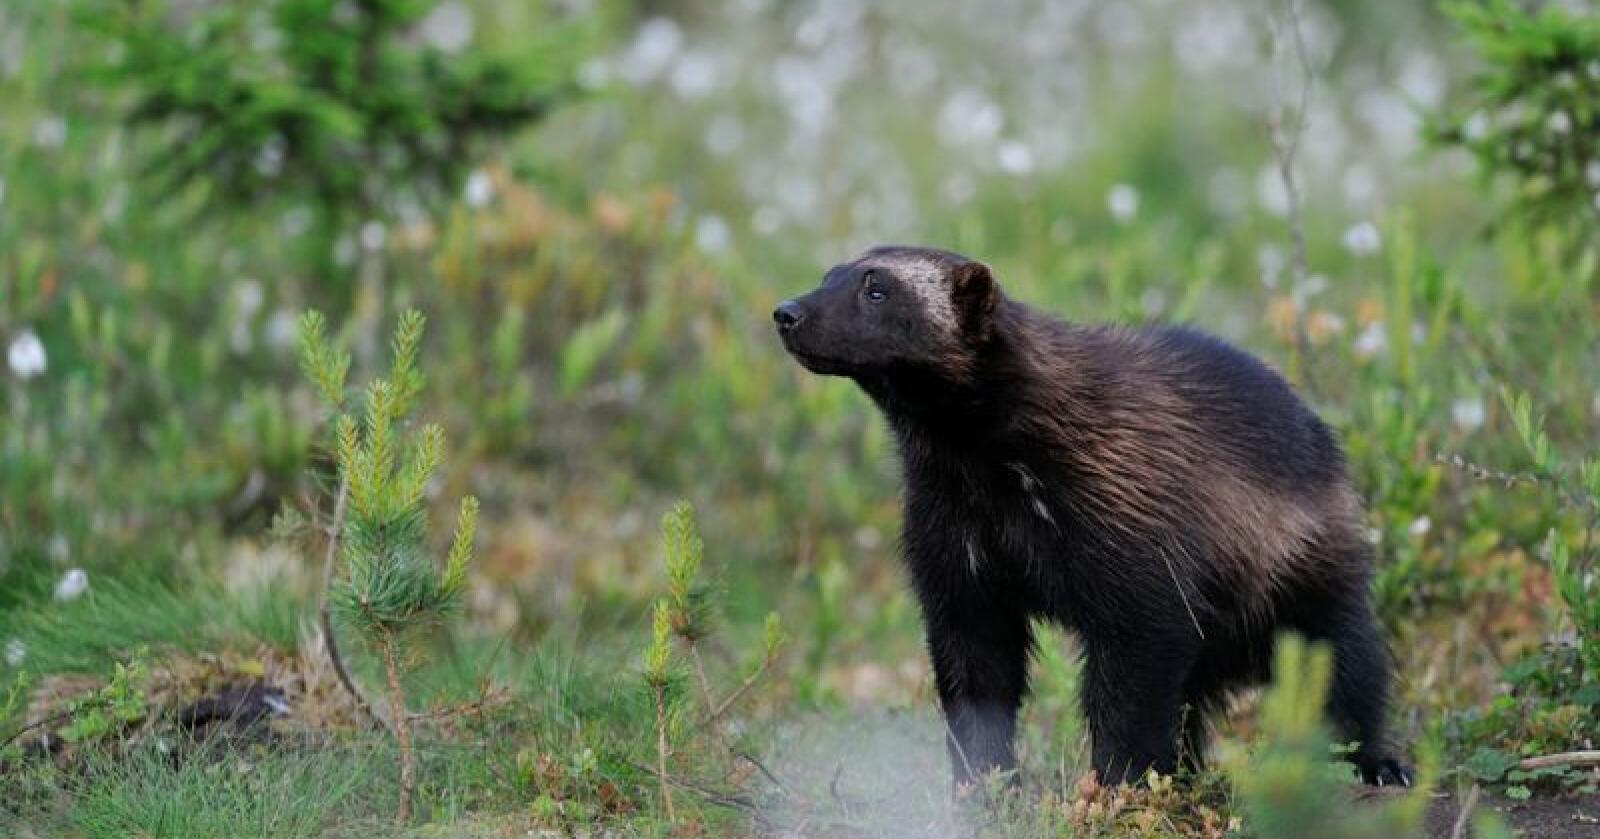 Etikkvalg: Jerv kan skytes i jakta eller dras ut fra vinterhiet om våren. Foto: Mostphotos